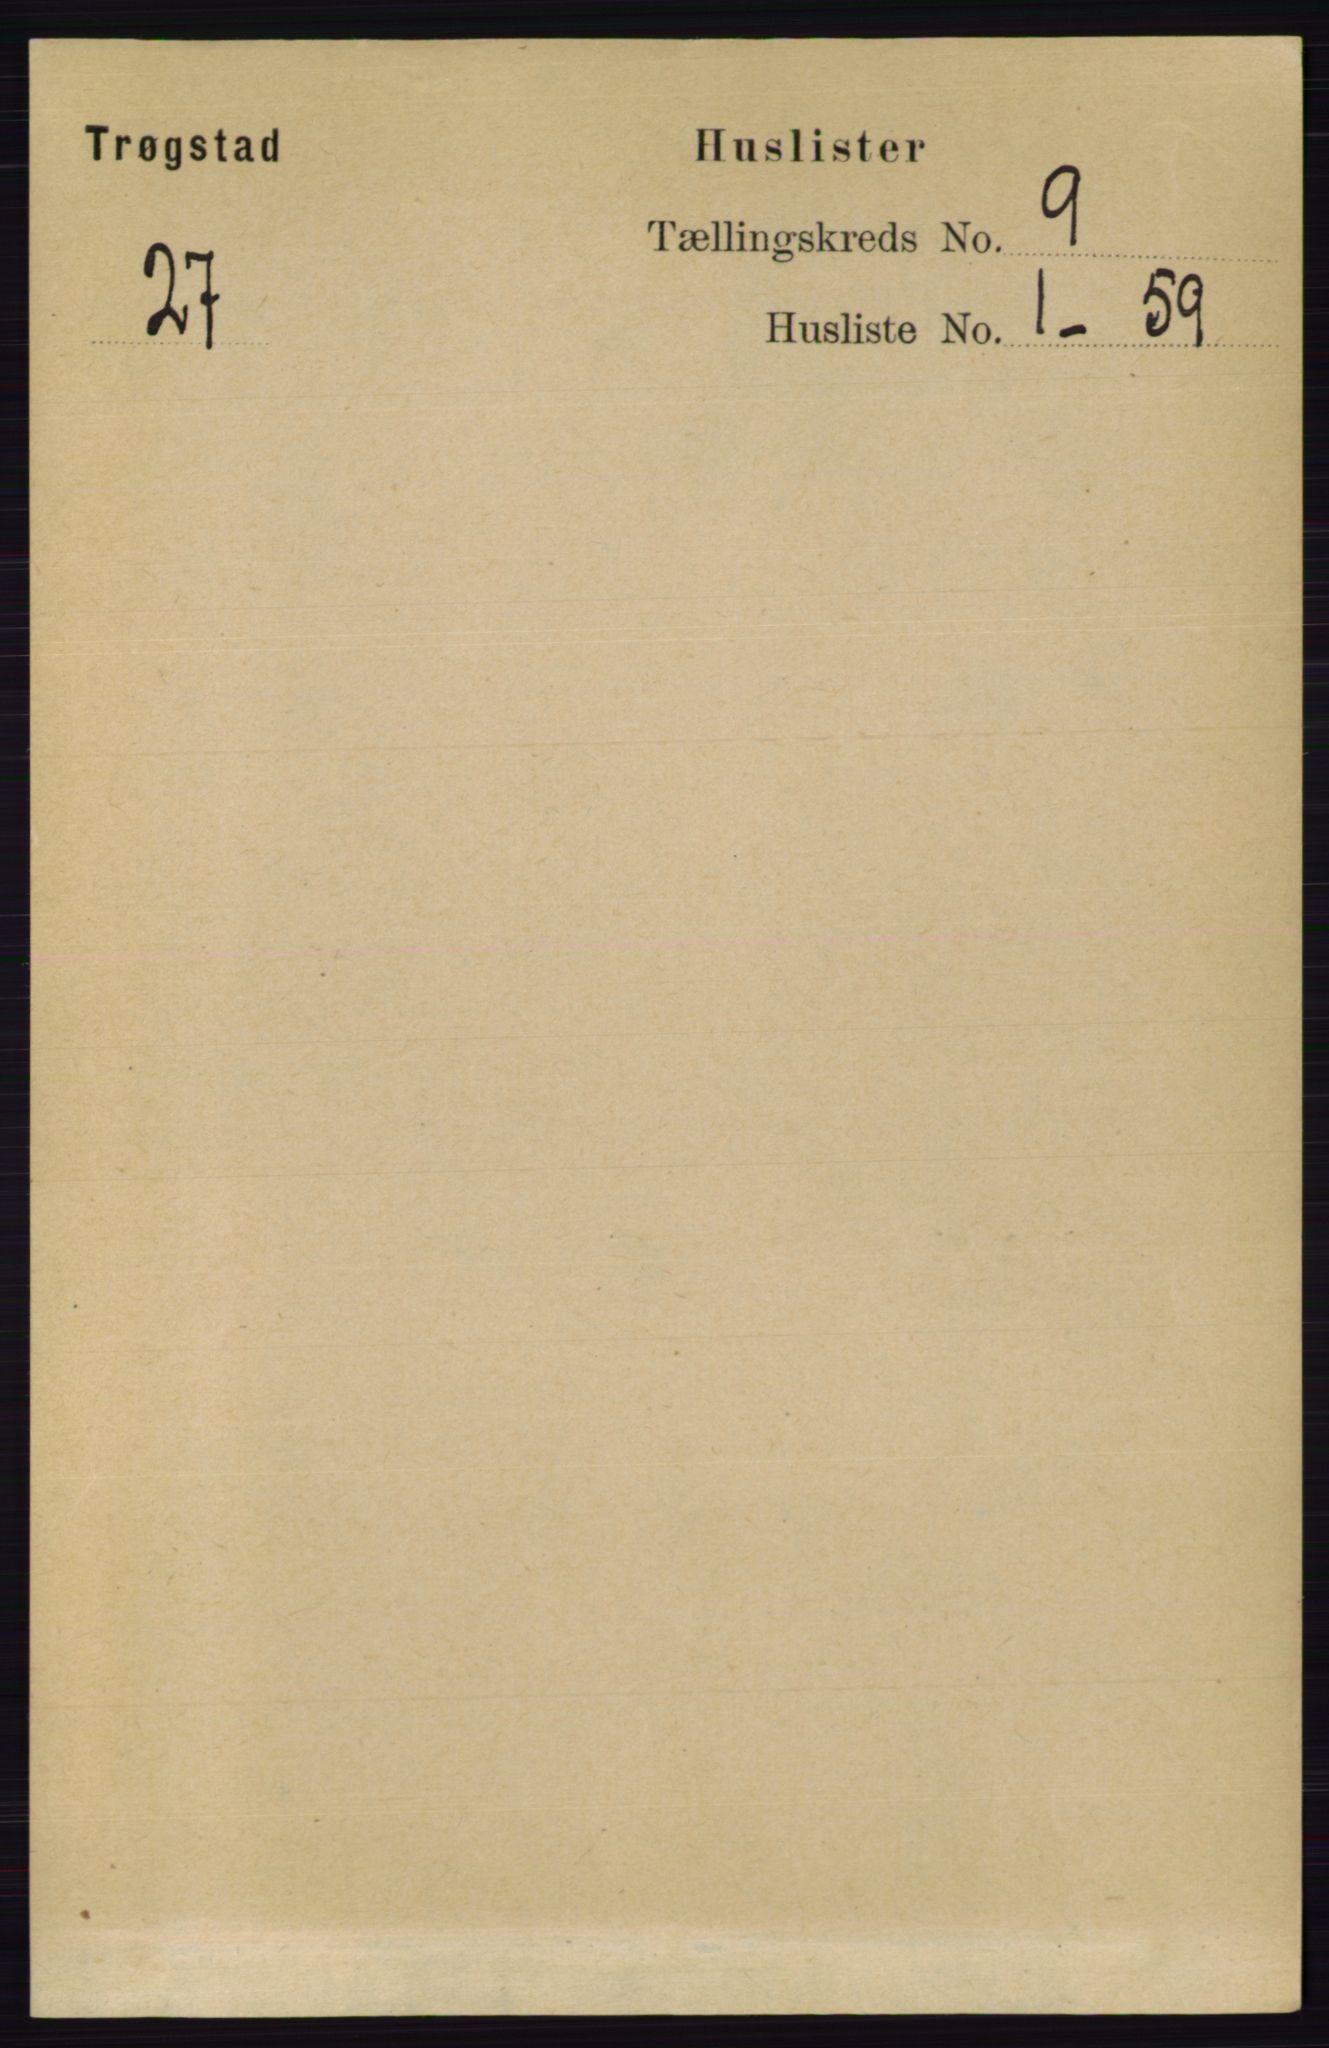 RA, Folketelling 1891 for 0122 Trøgstad herred, 1891, s. 3830